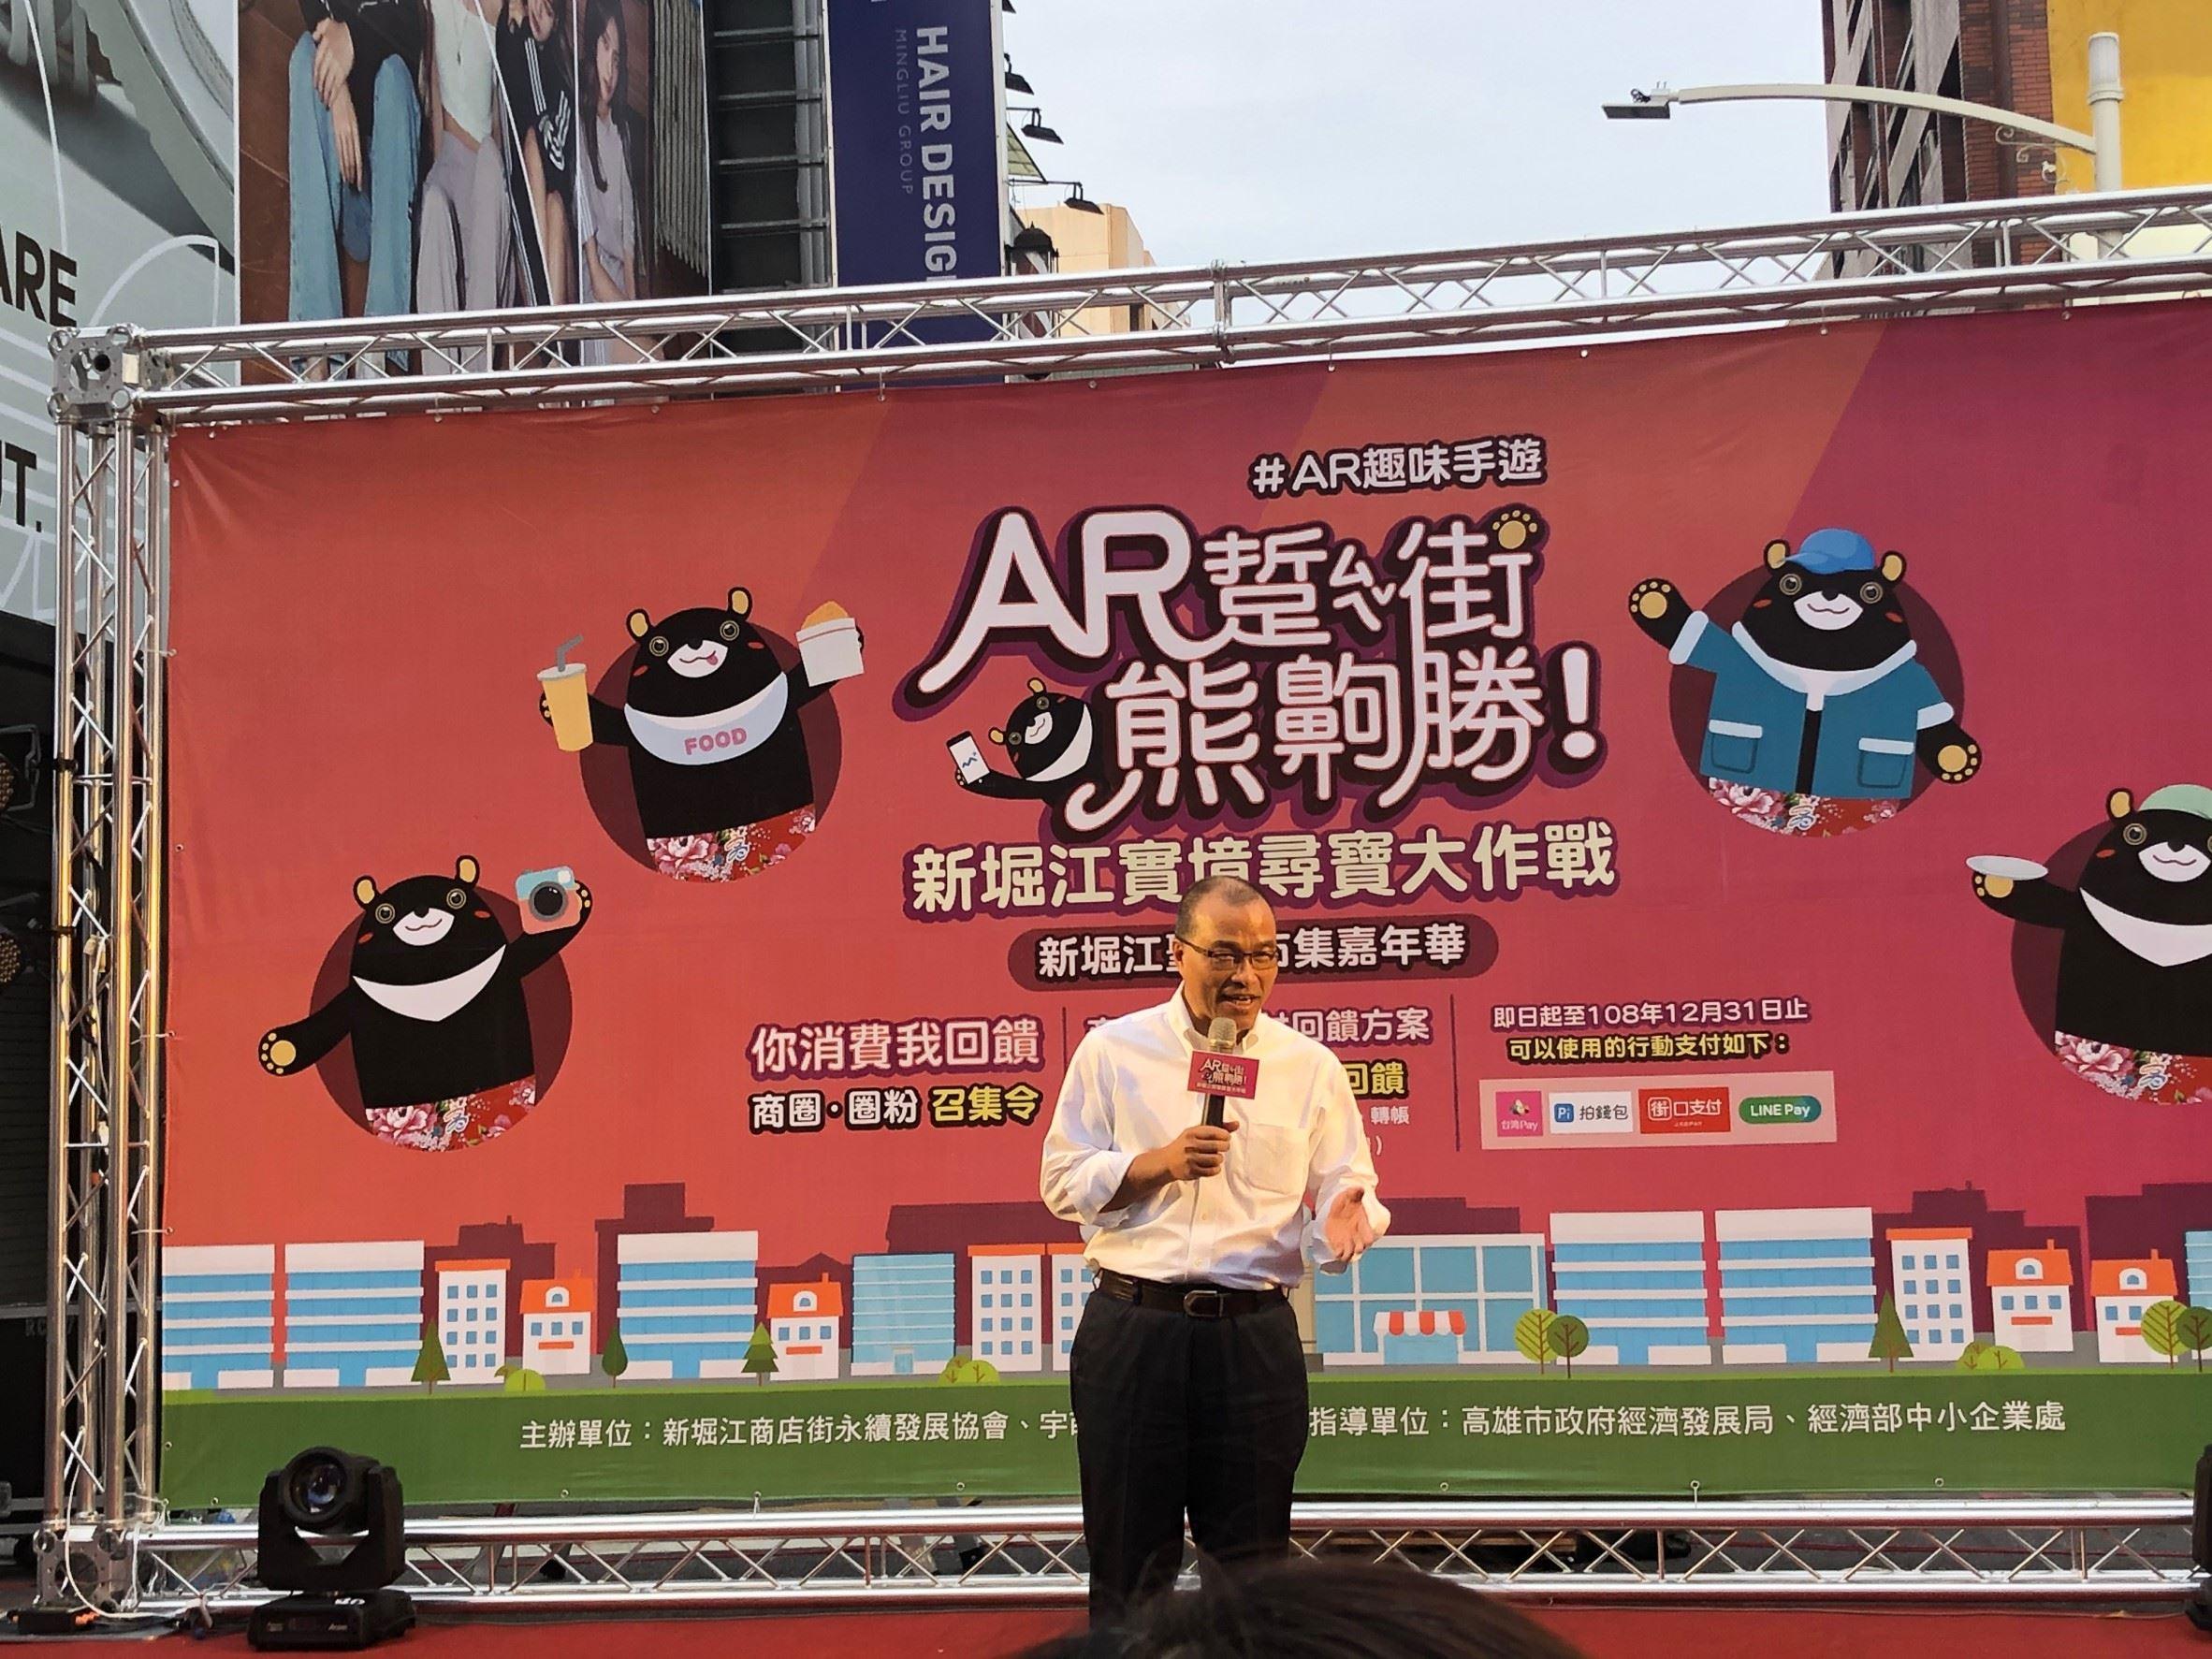 【代發】新堀江商圈AR尋寶遊戲「AR踅街熊齁勝」大作戰  東京來回機票、Switch萬元大獎等你拿